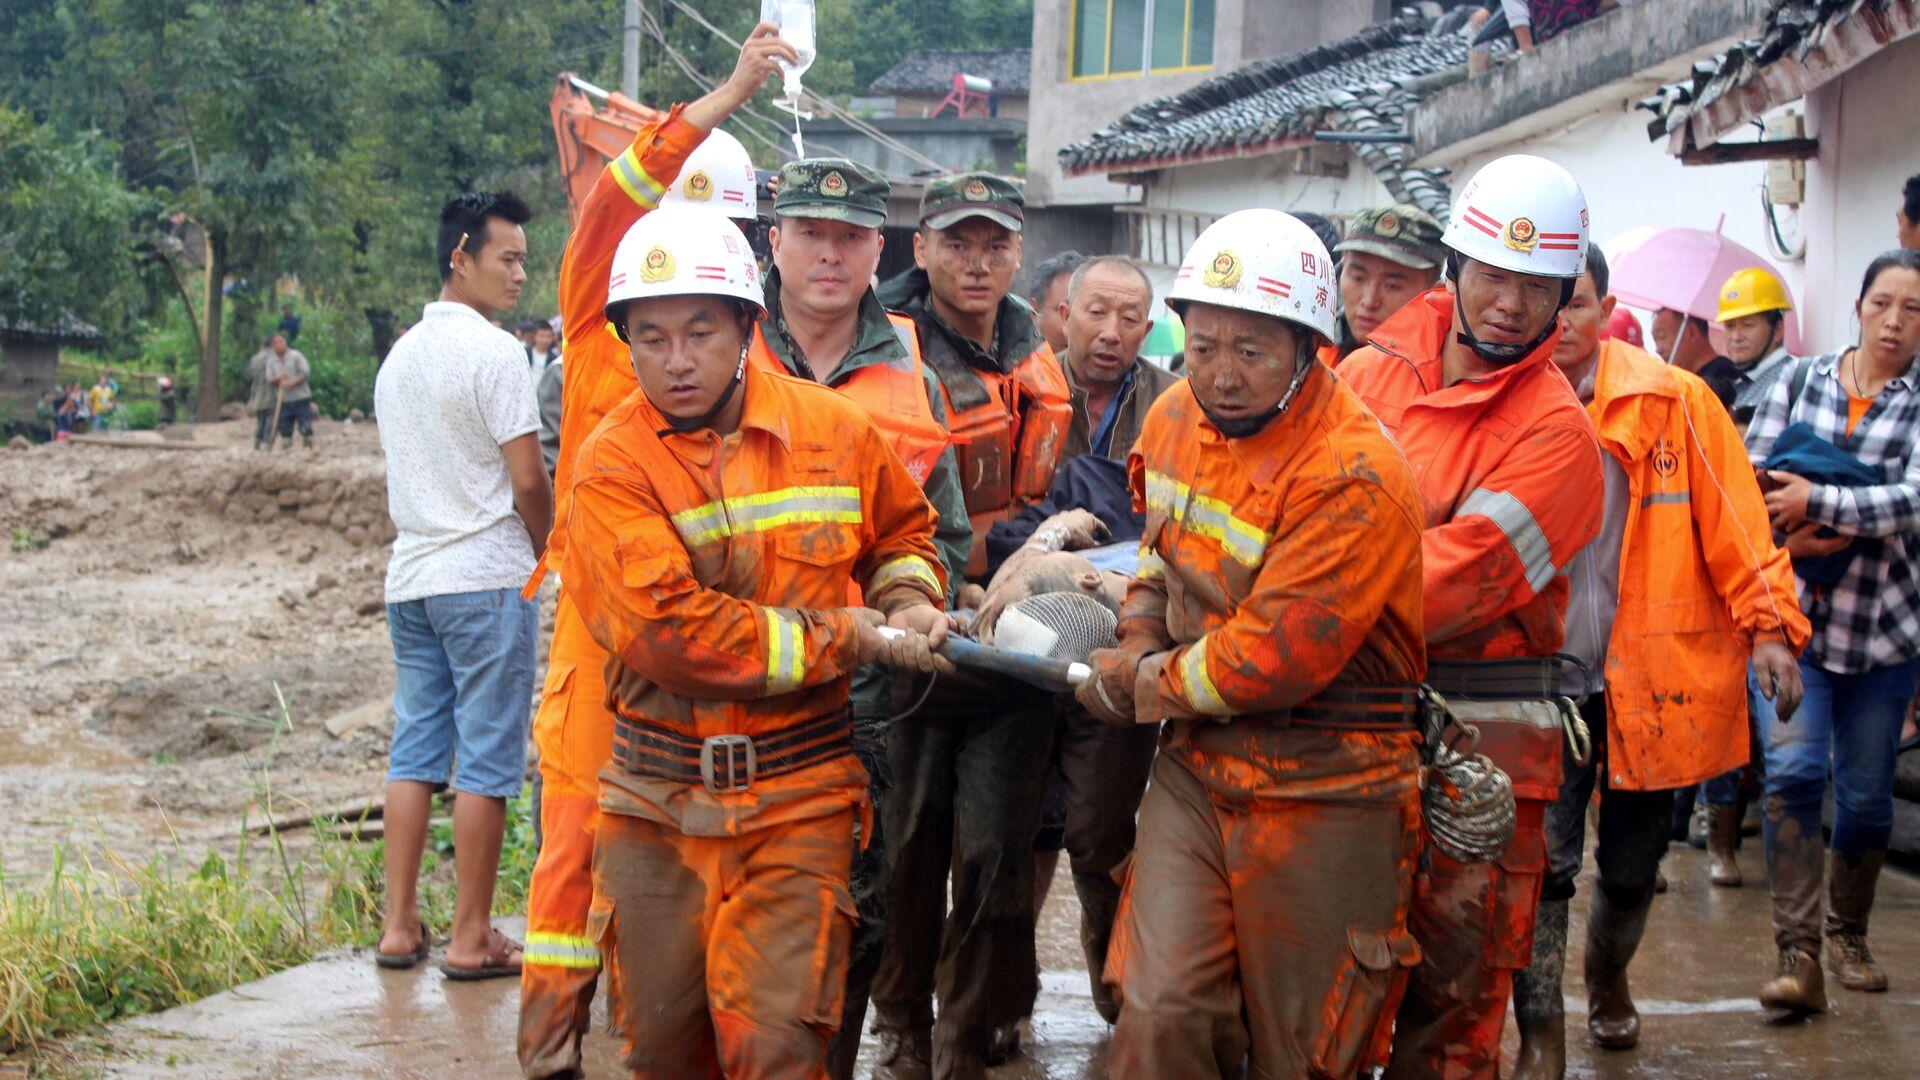 Cina, terremoto di 6.5 gradi colpisce provincia di Sichuan - Sputnik Italia, 1920, 17.09.2021